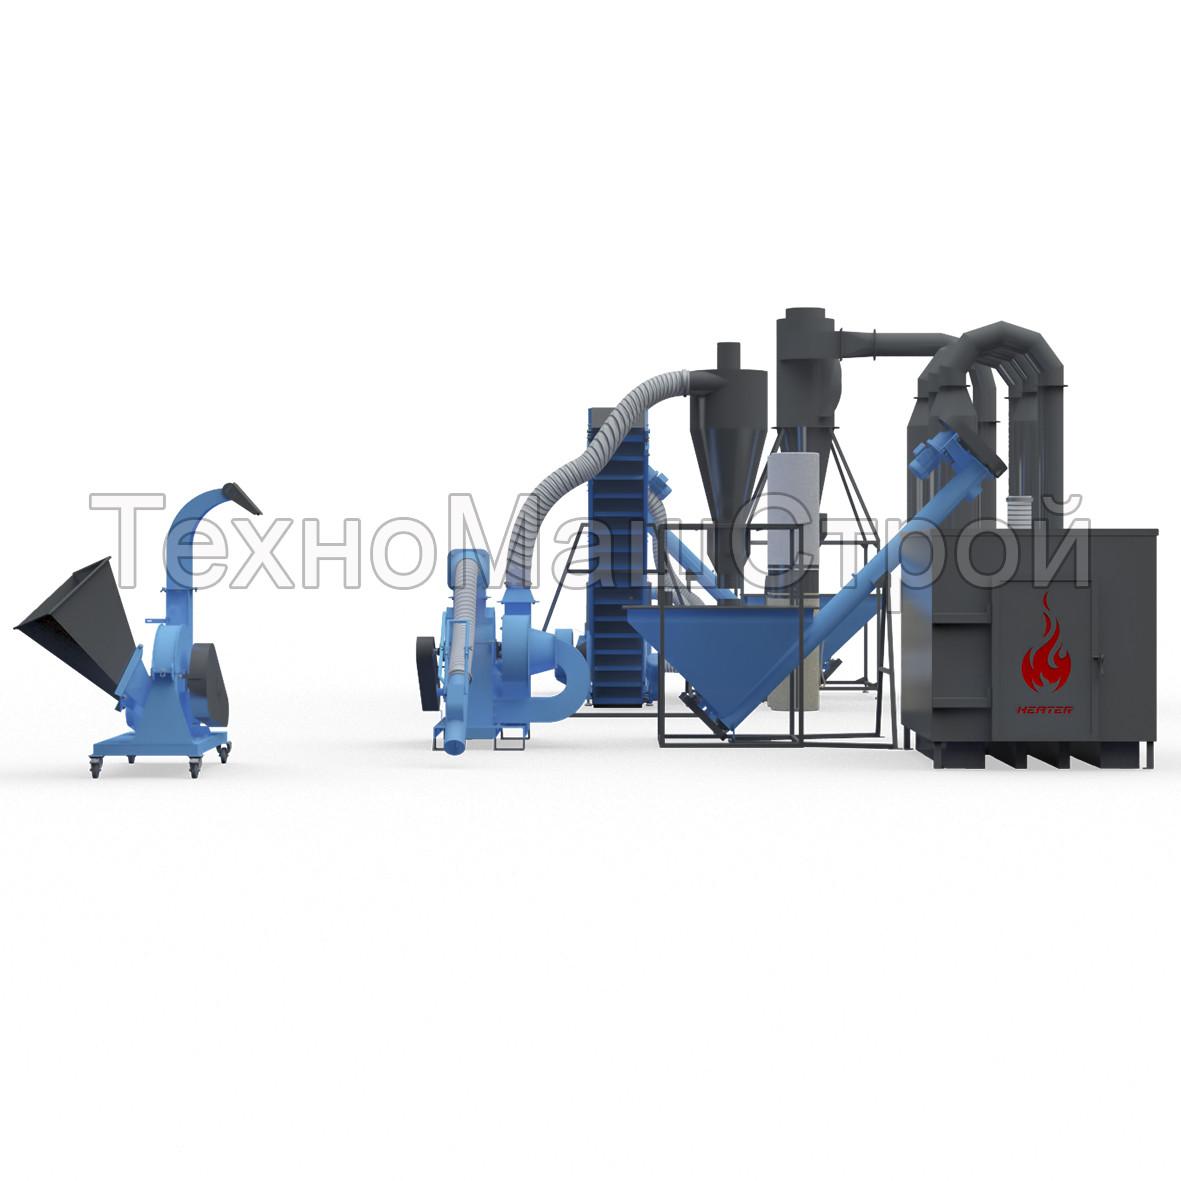 Полный цикл производства пеллет. Мини-завод изготовления пеллет.